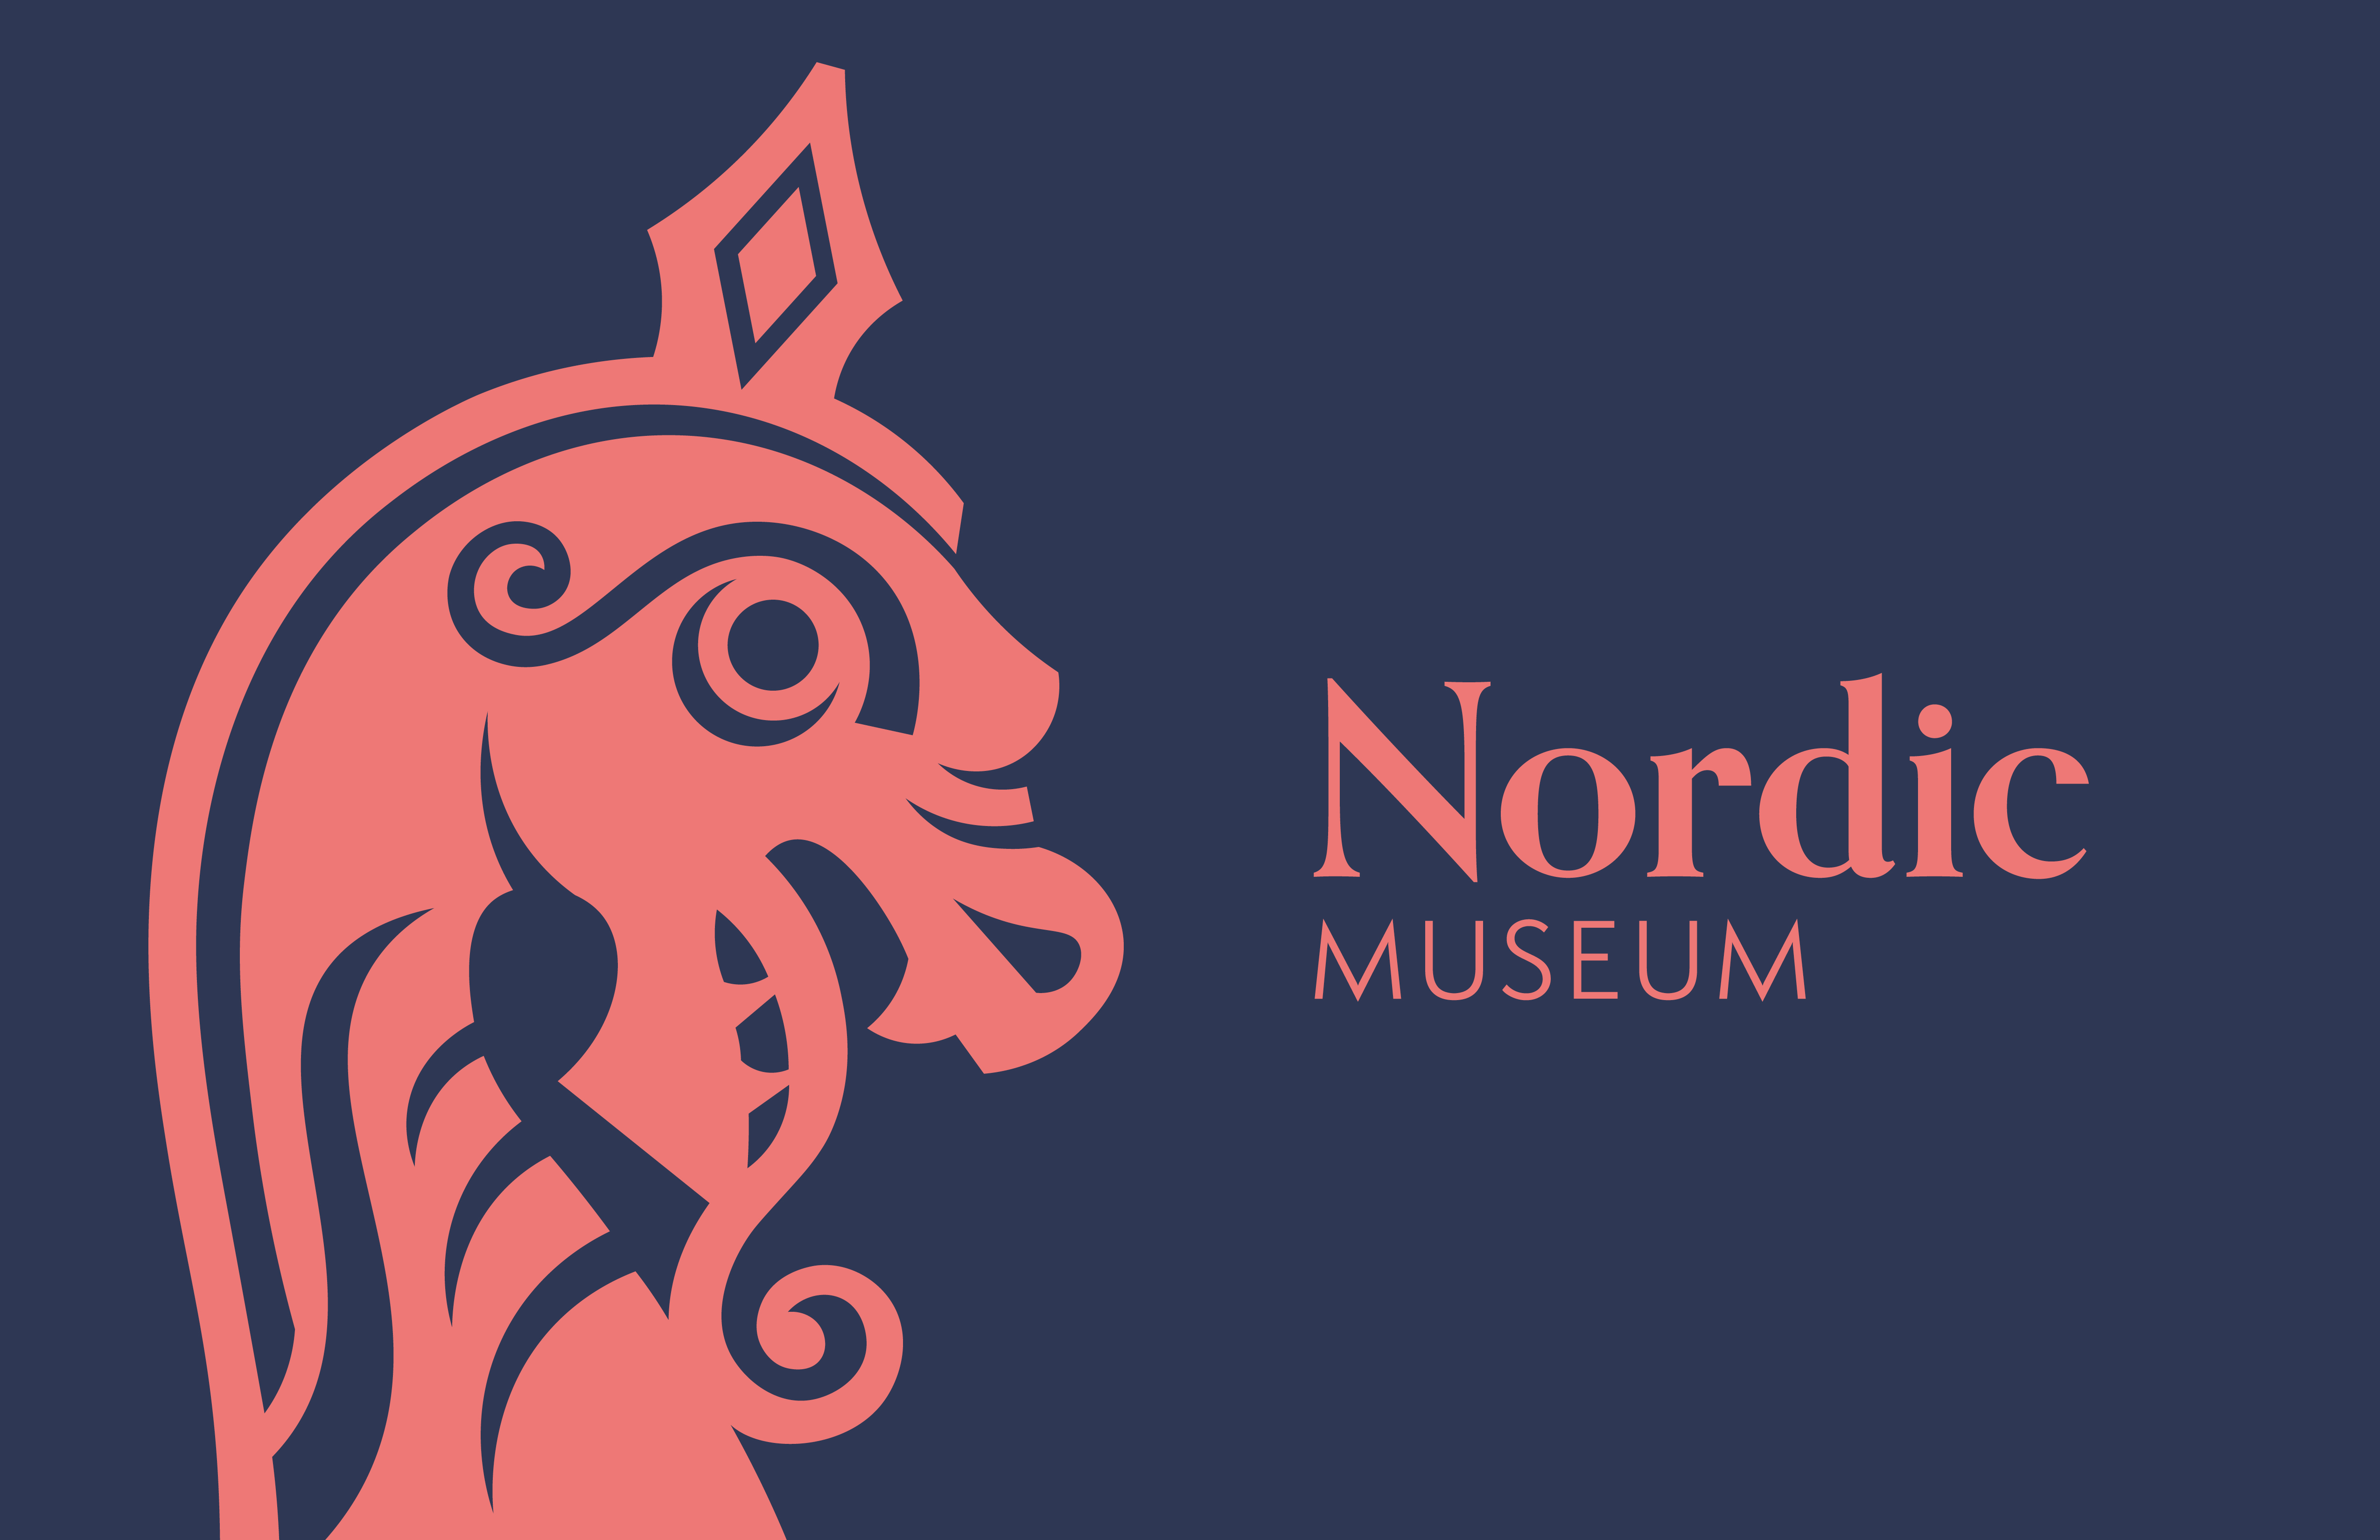 Nordic Museum Rebrand